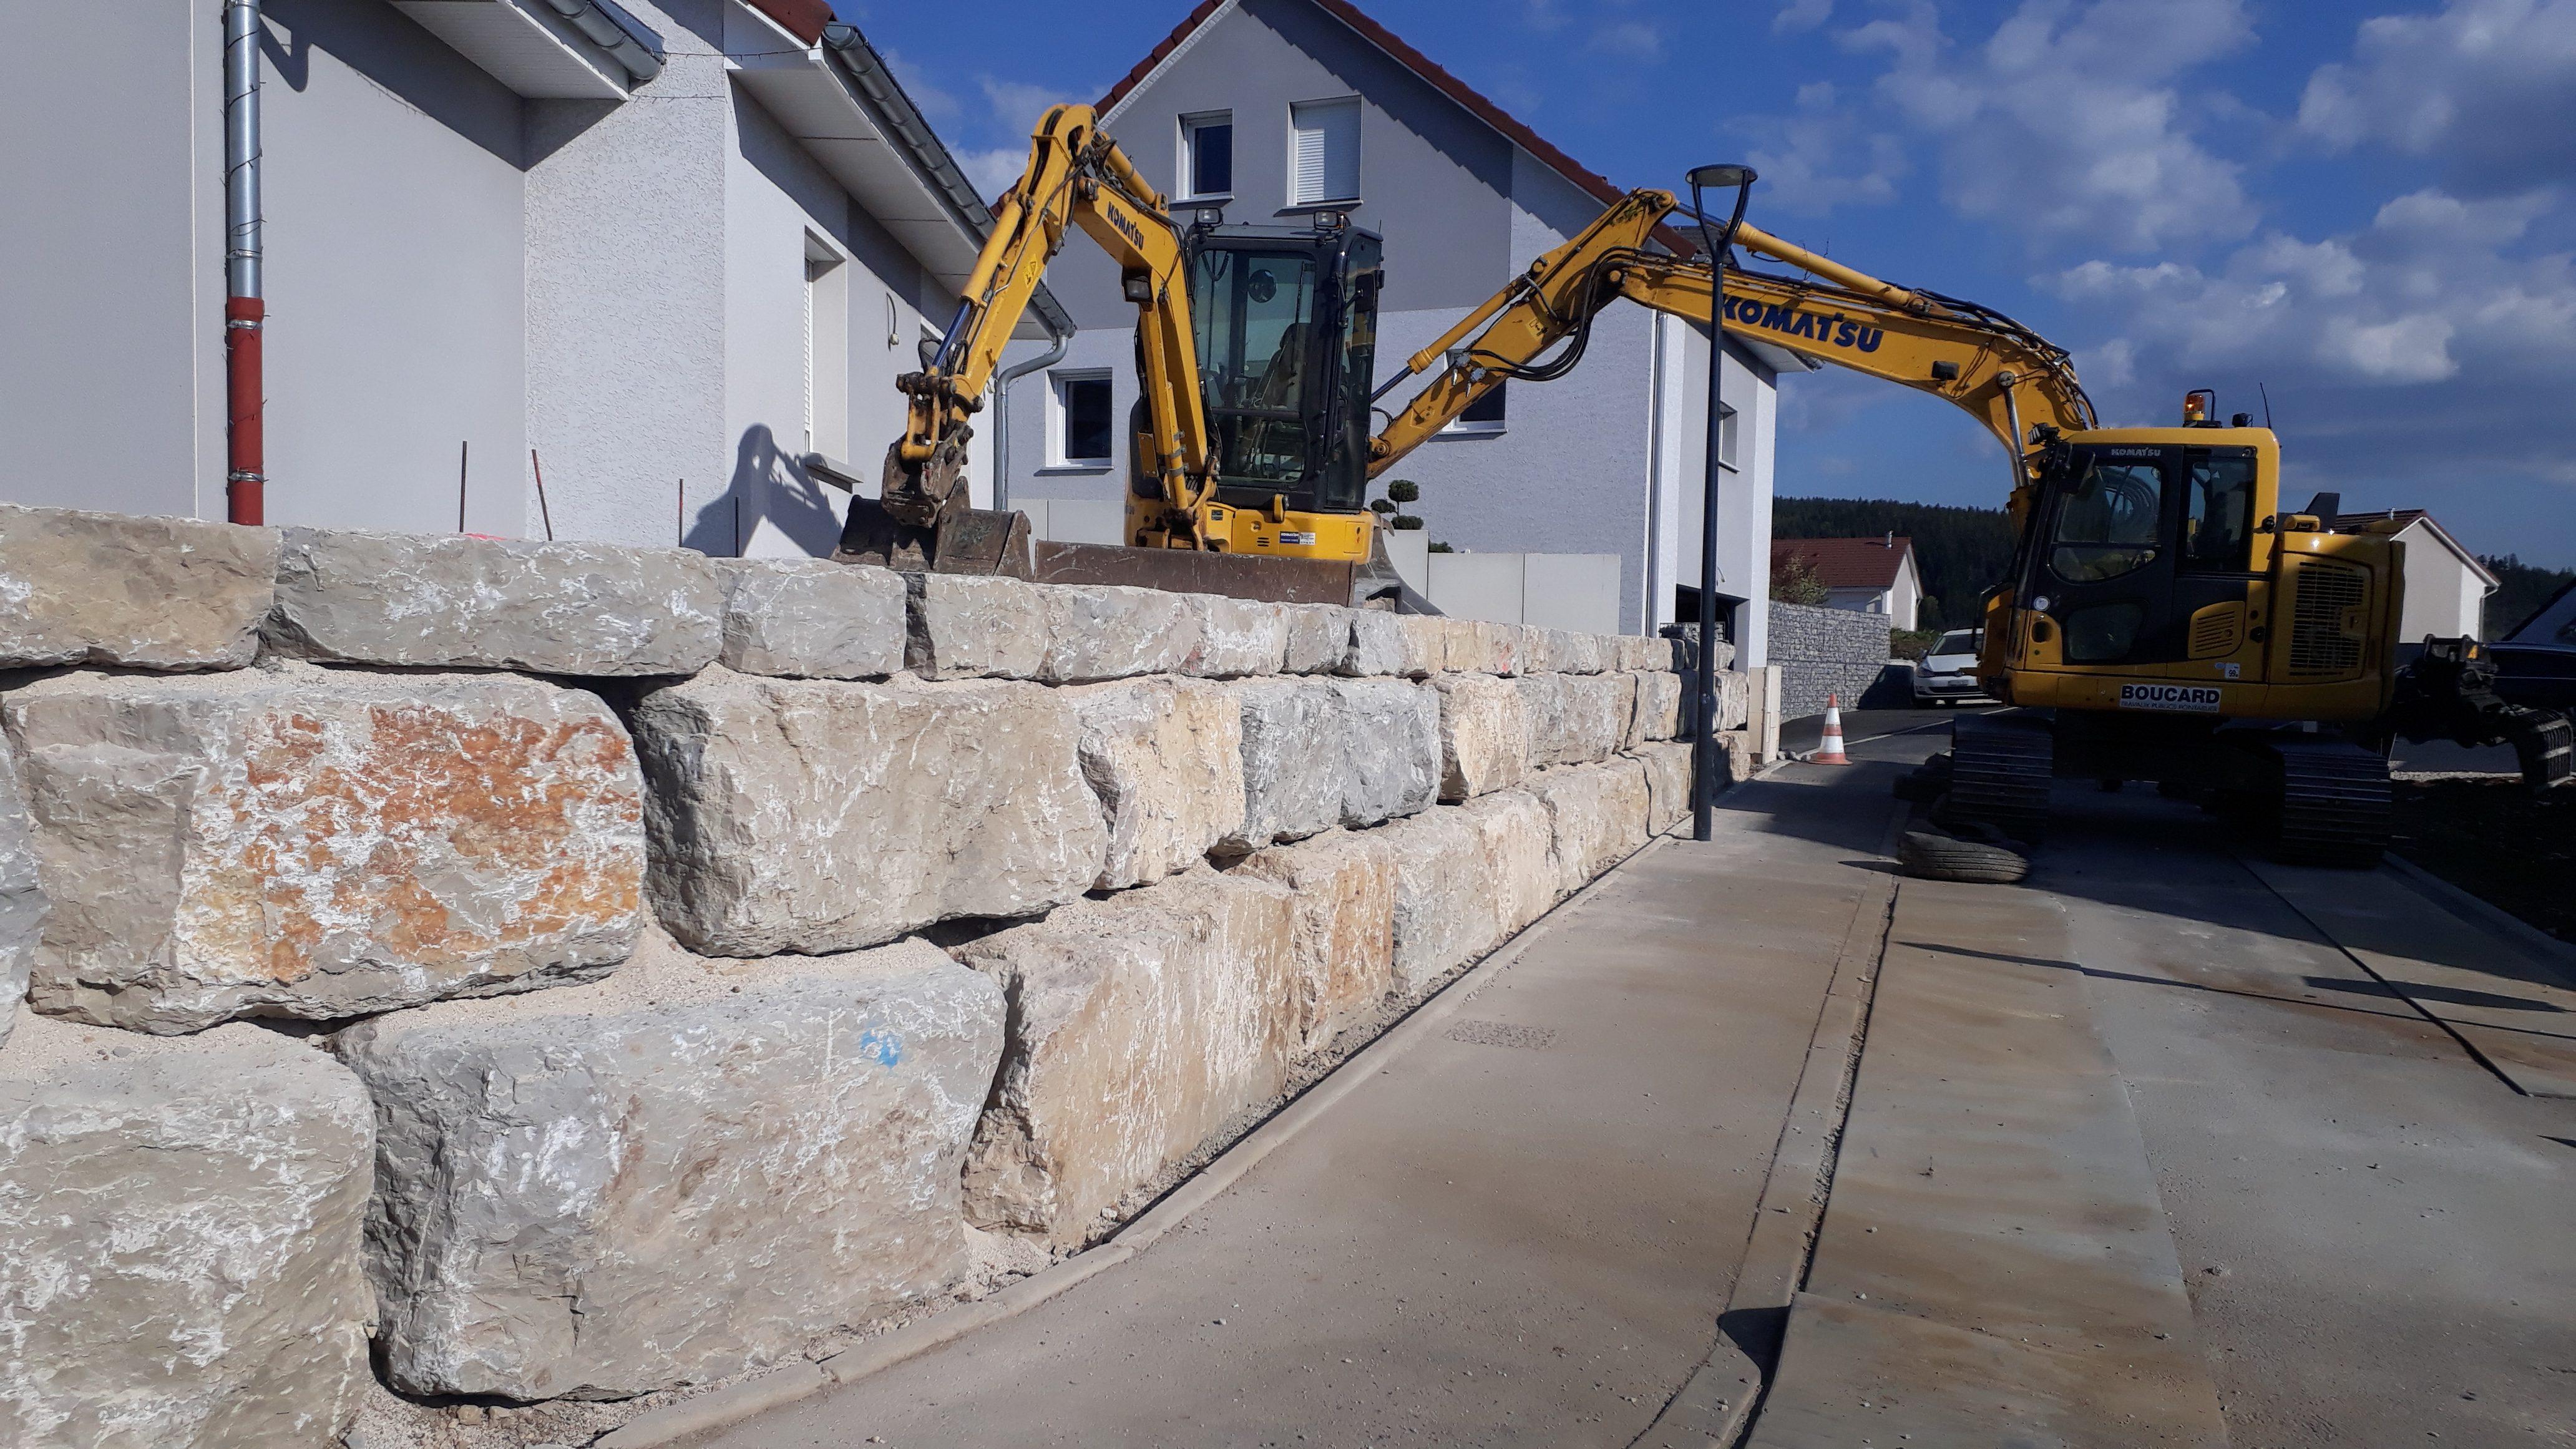 enrochement-mur-beton-terrasse-exterieur-maison-travaux-publics-TP-pontarlier-doubs-franche-comte-10